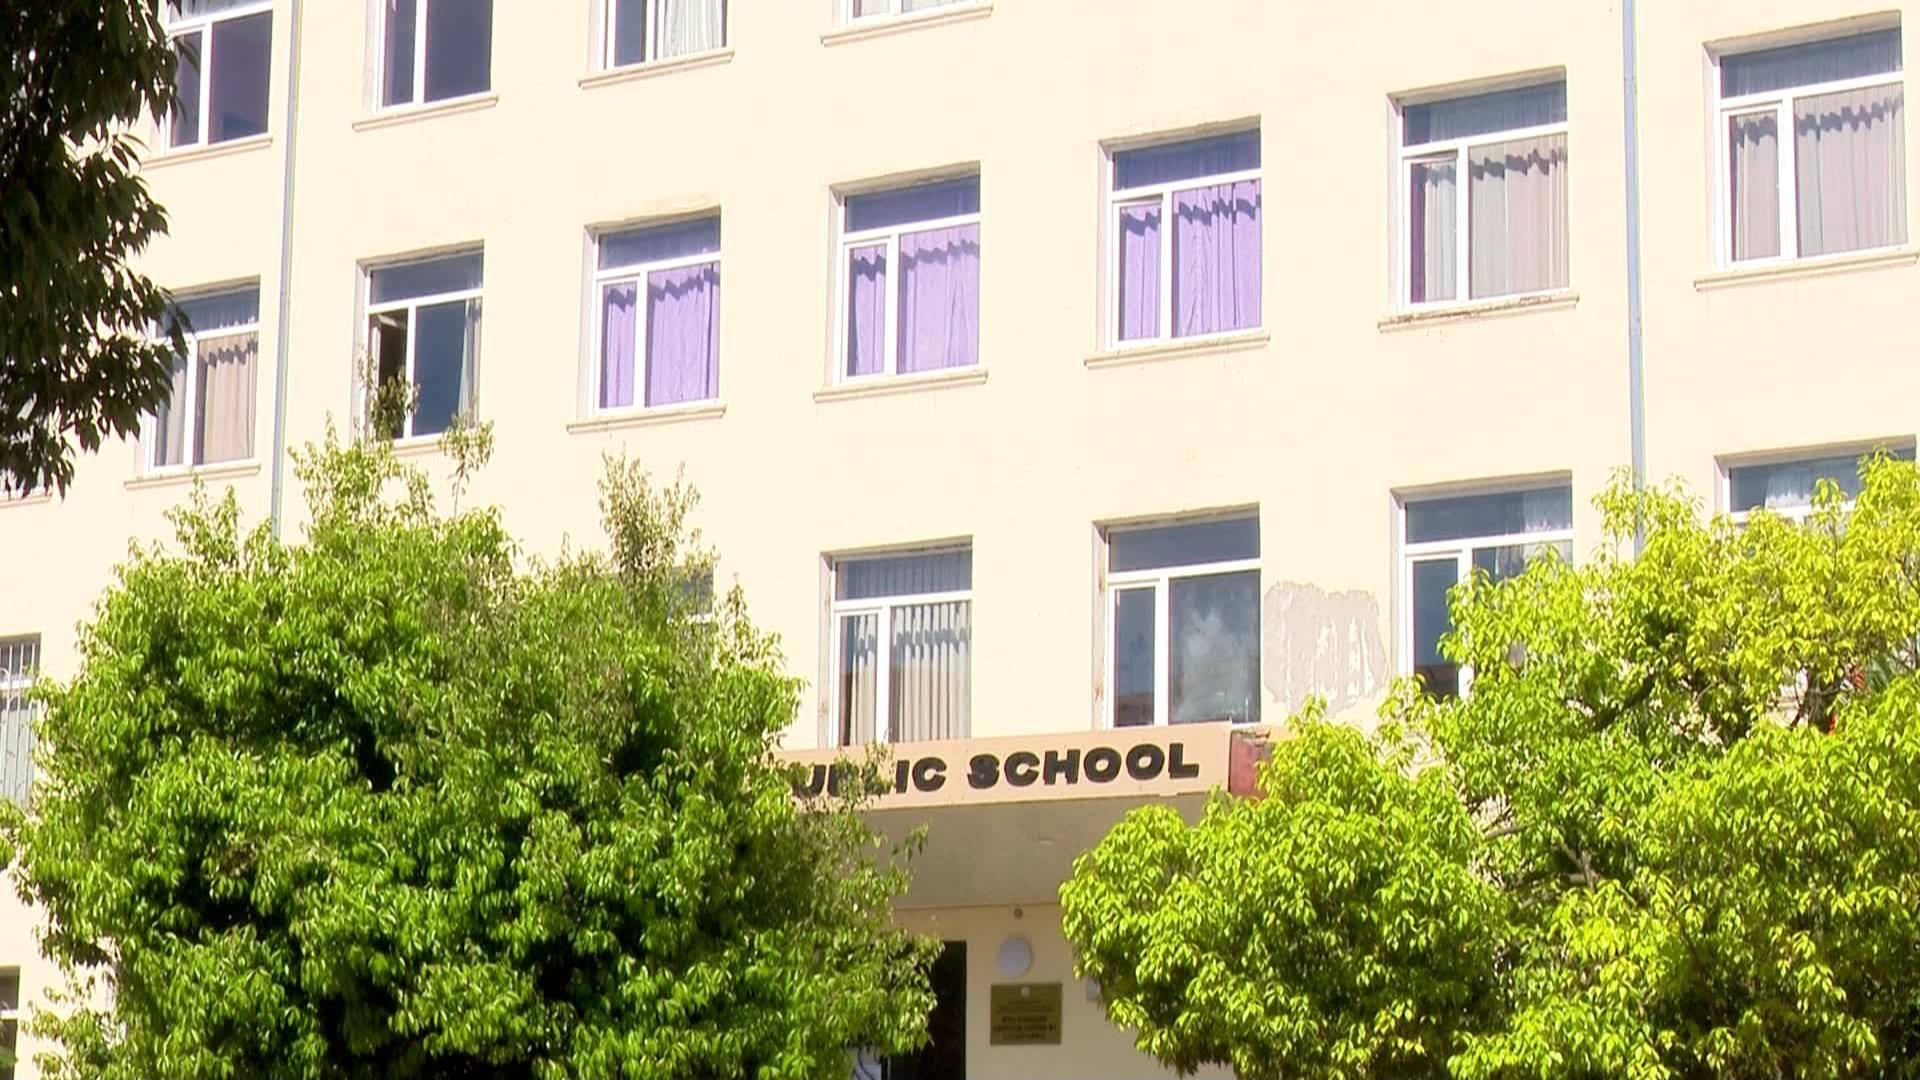 2016-17 წლებში სკოლაში სწავლა 11 741-მა მოსწავლემ შეწყვიტა